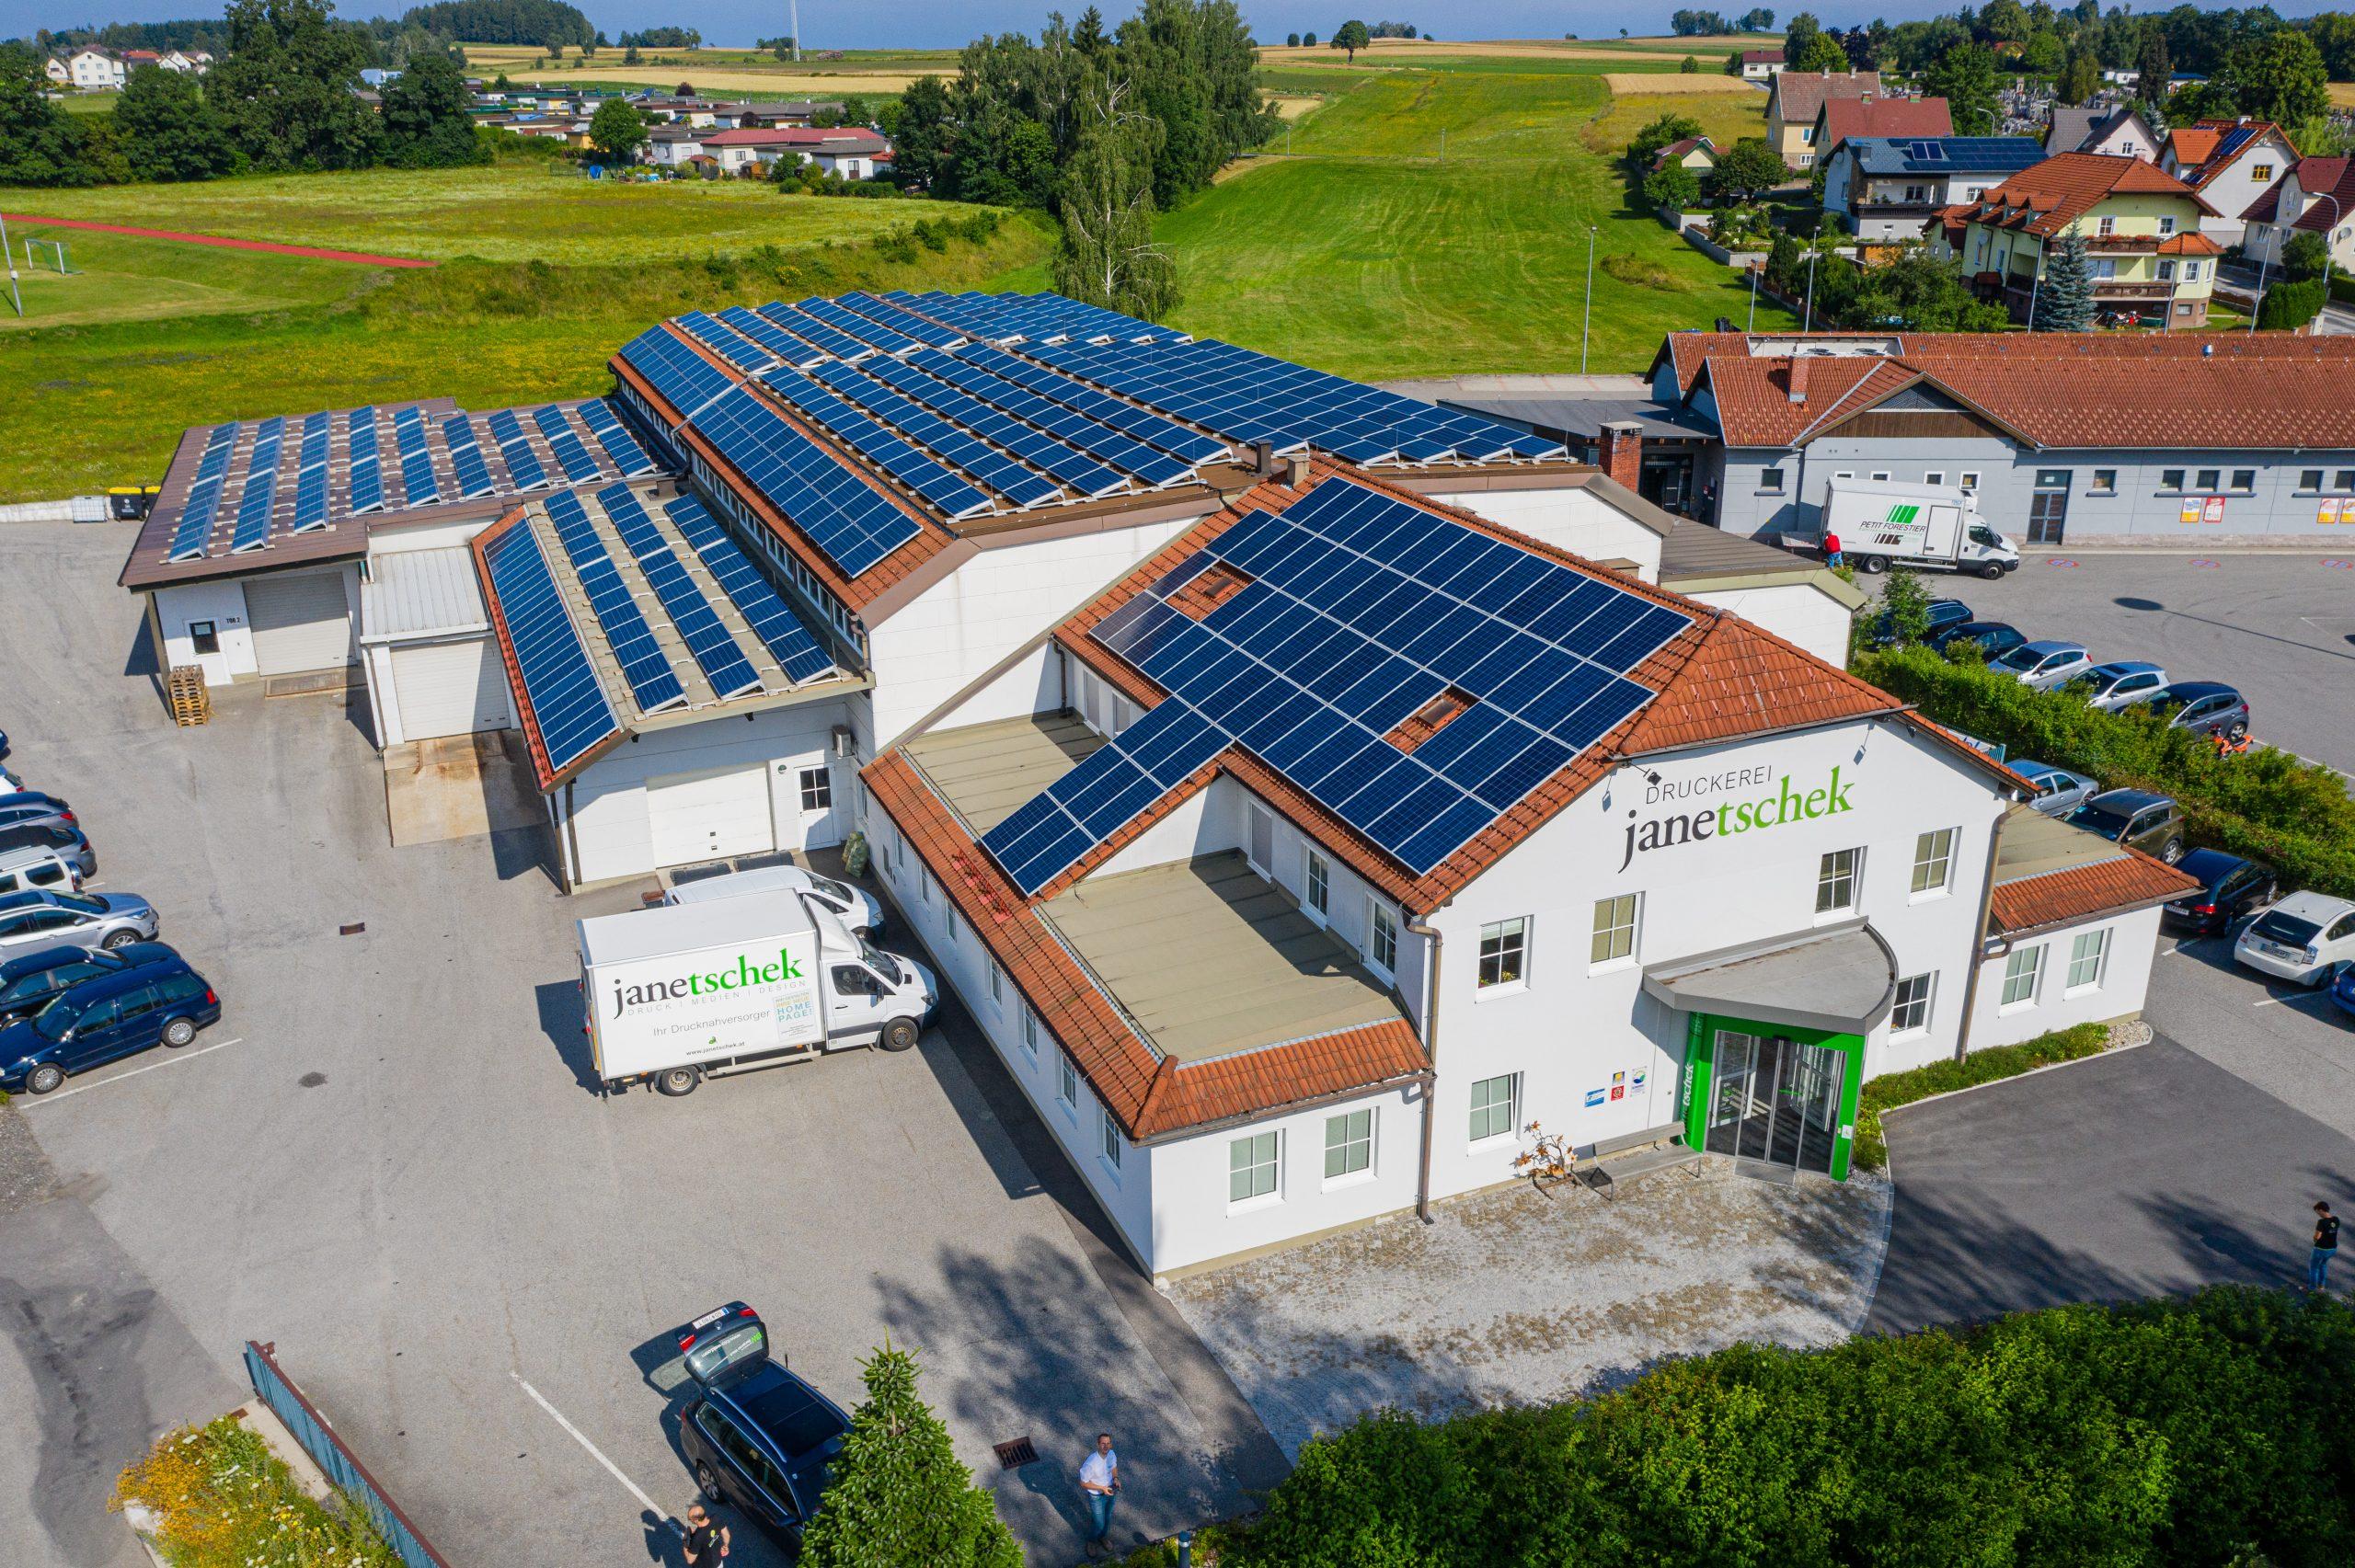 Druckerei Janetschek Gebäude. Umweltgerechte Solaranlage